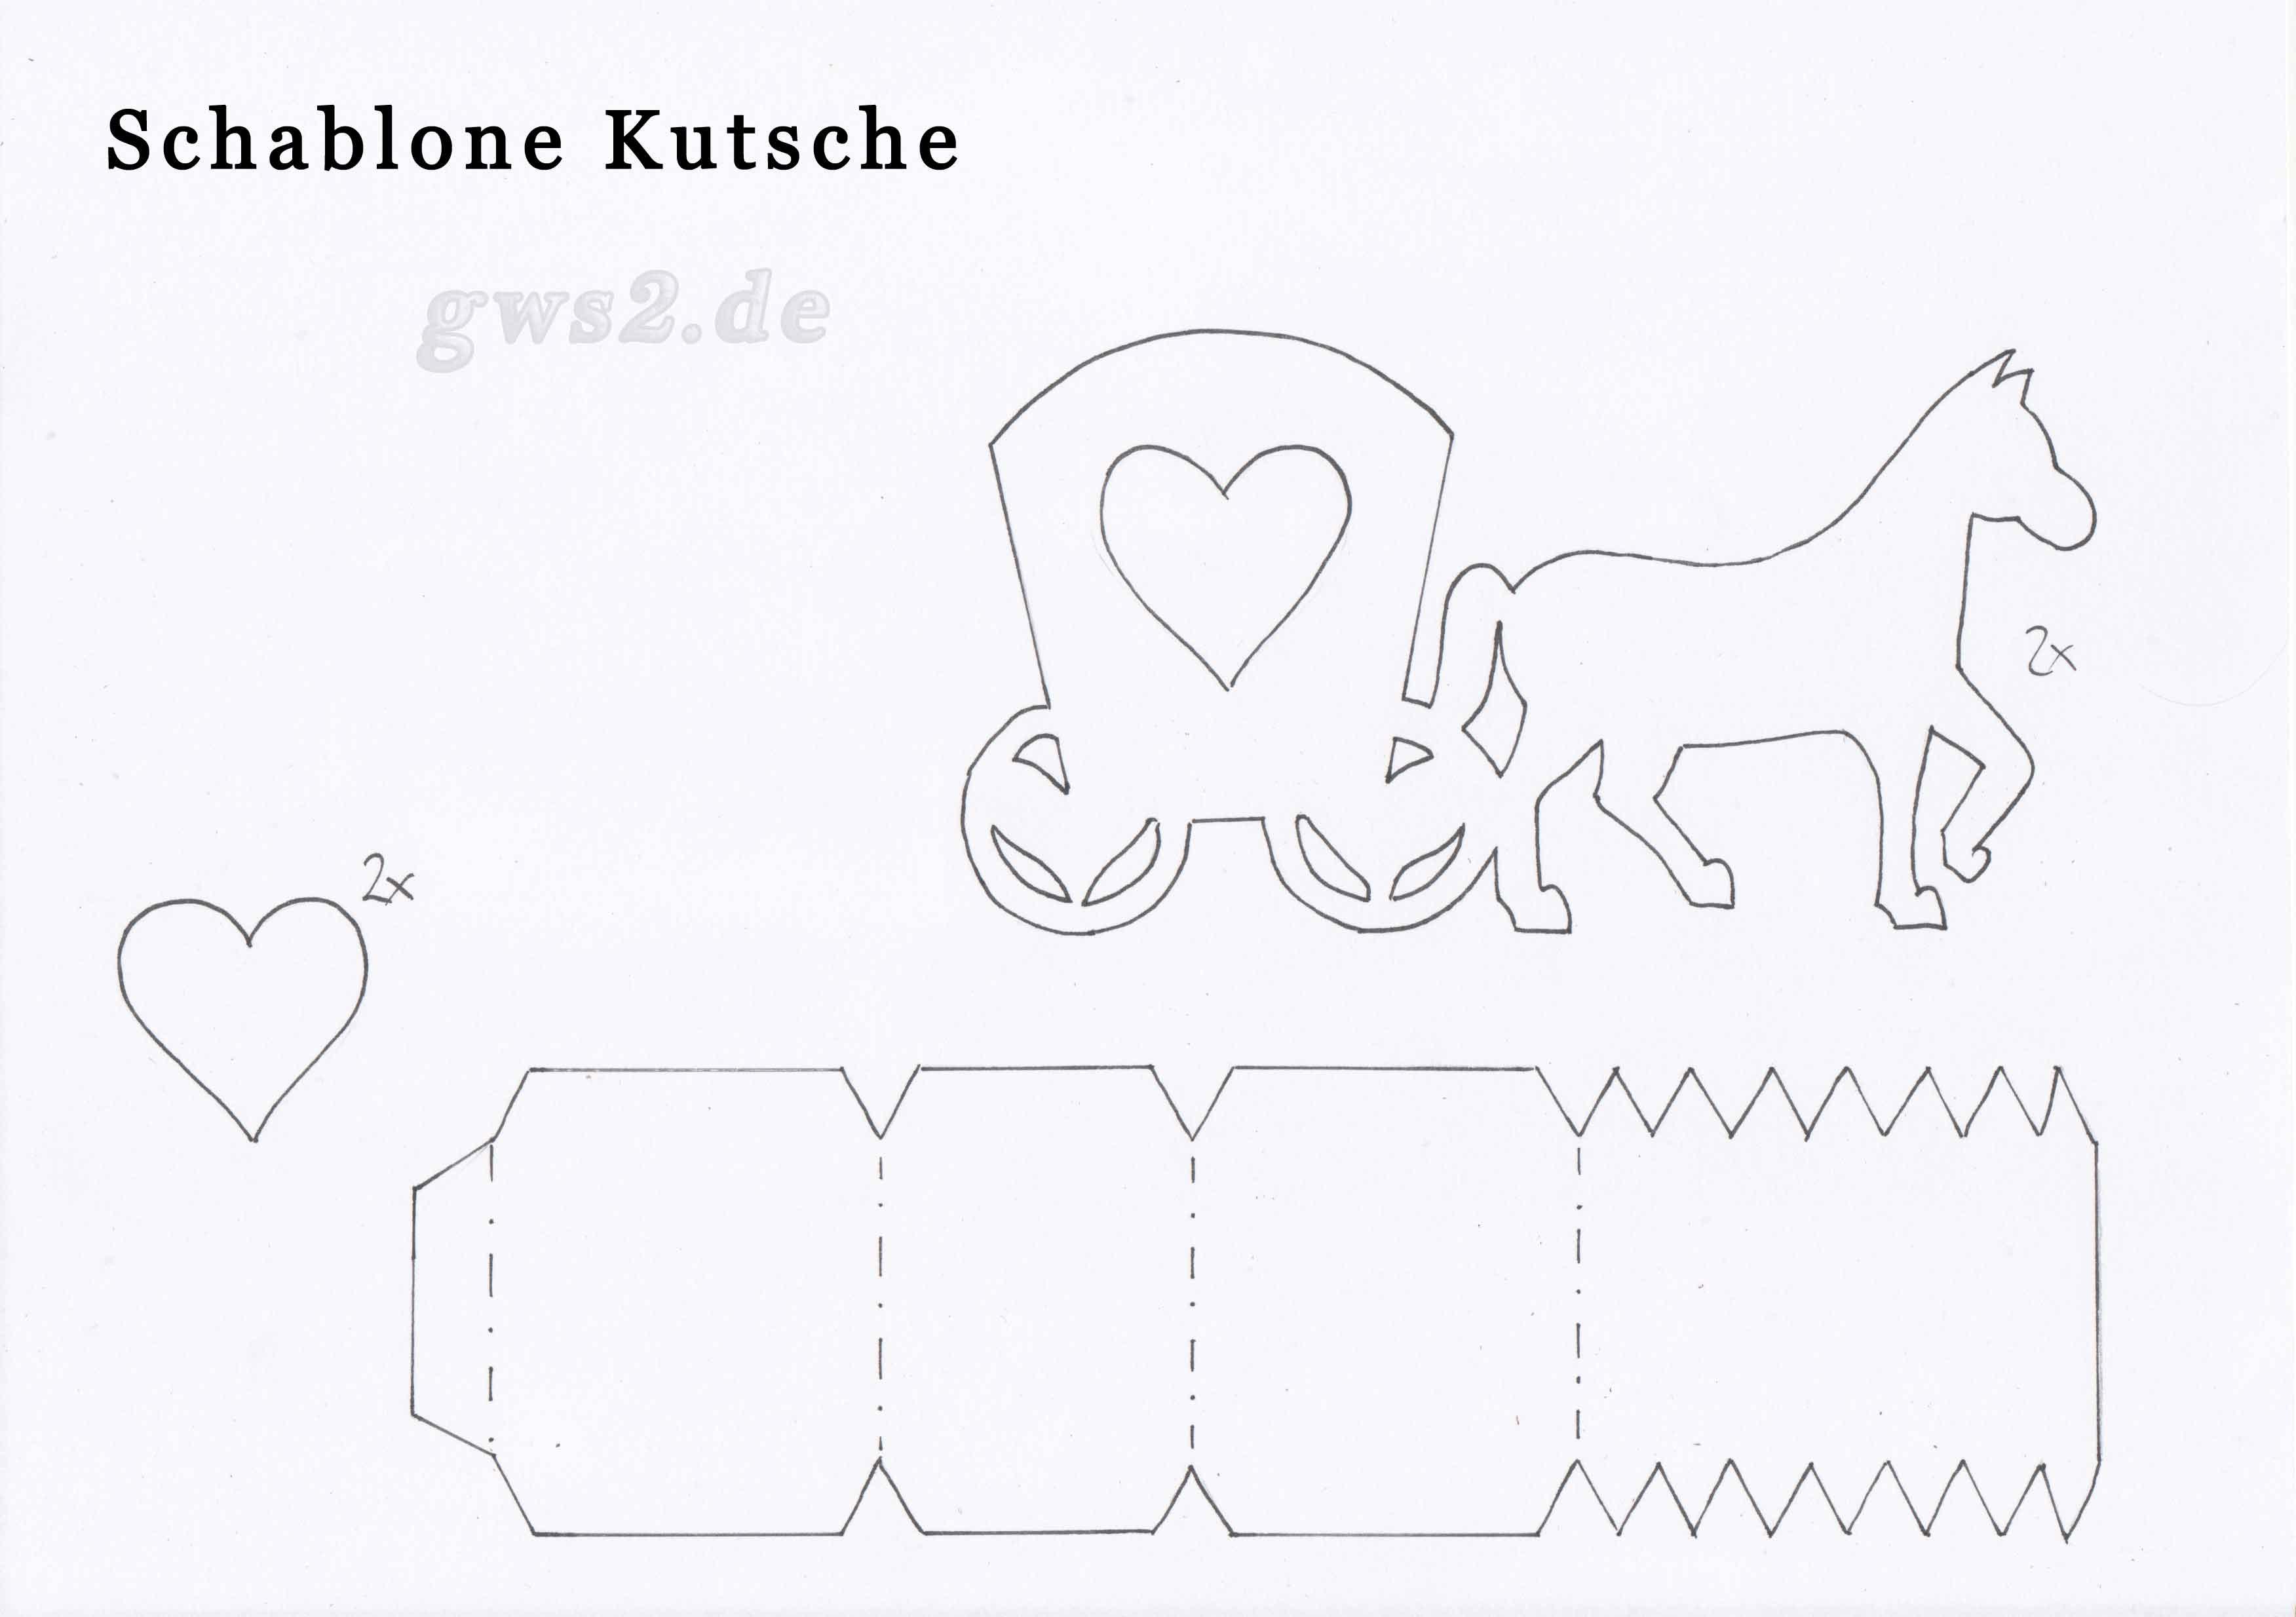 Bild von Schablone für eine Kutsche